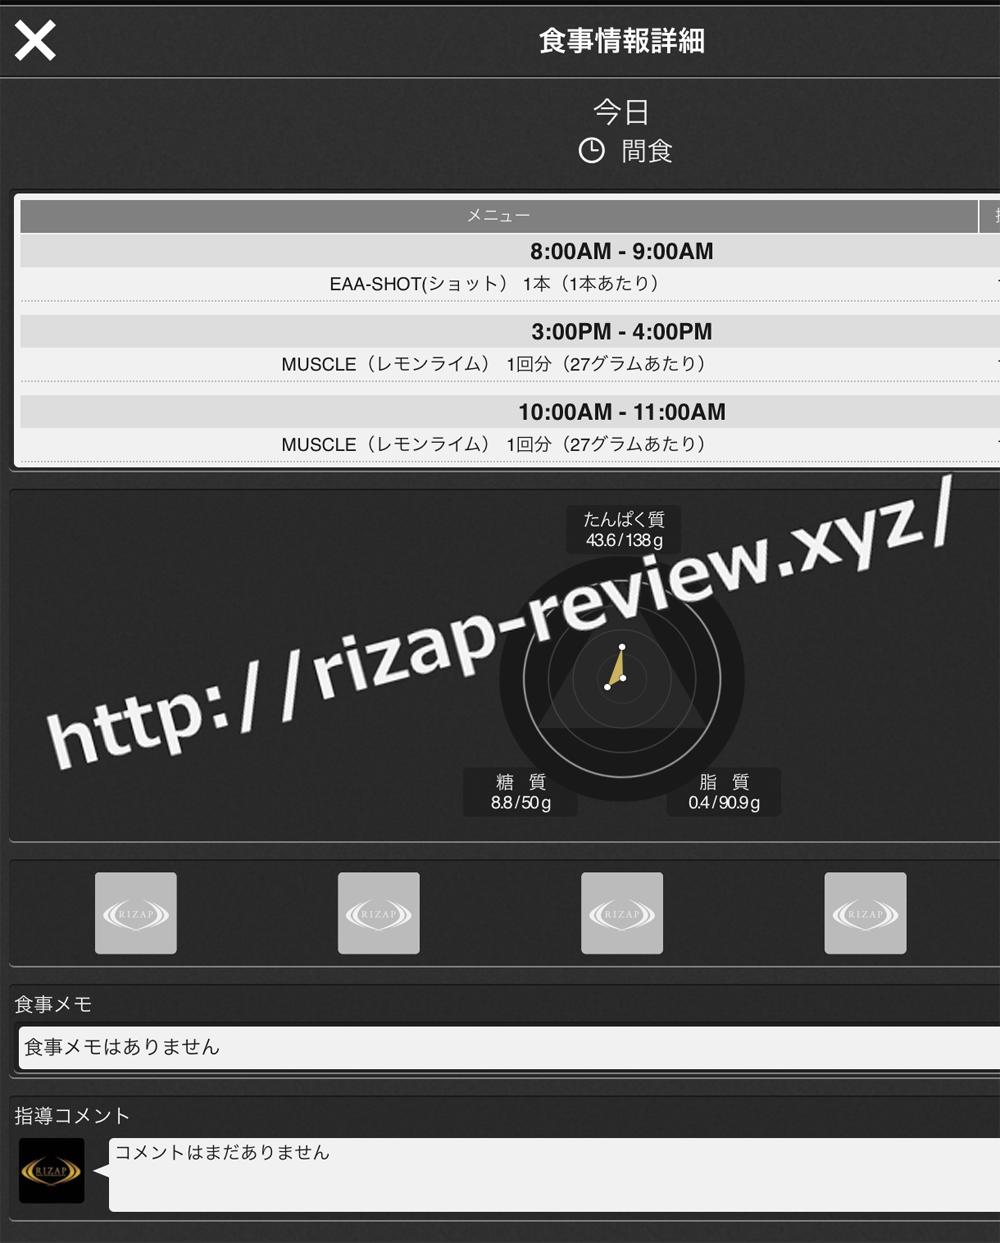 2018.9.17(月)ライザップ流の間食